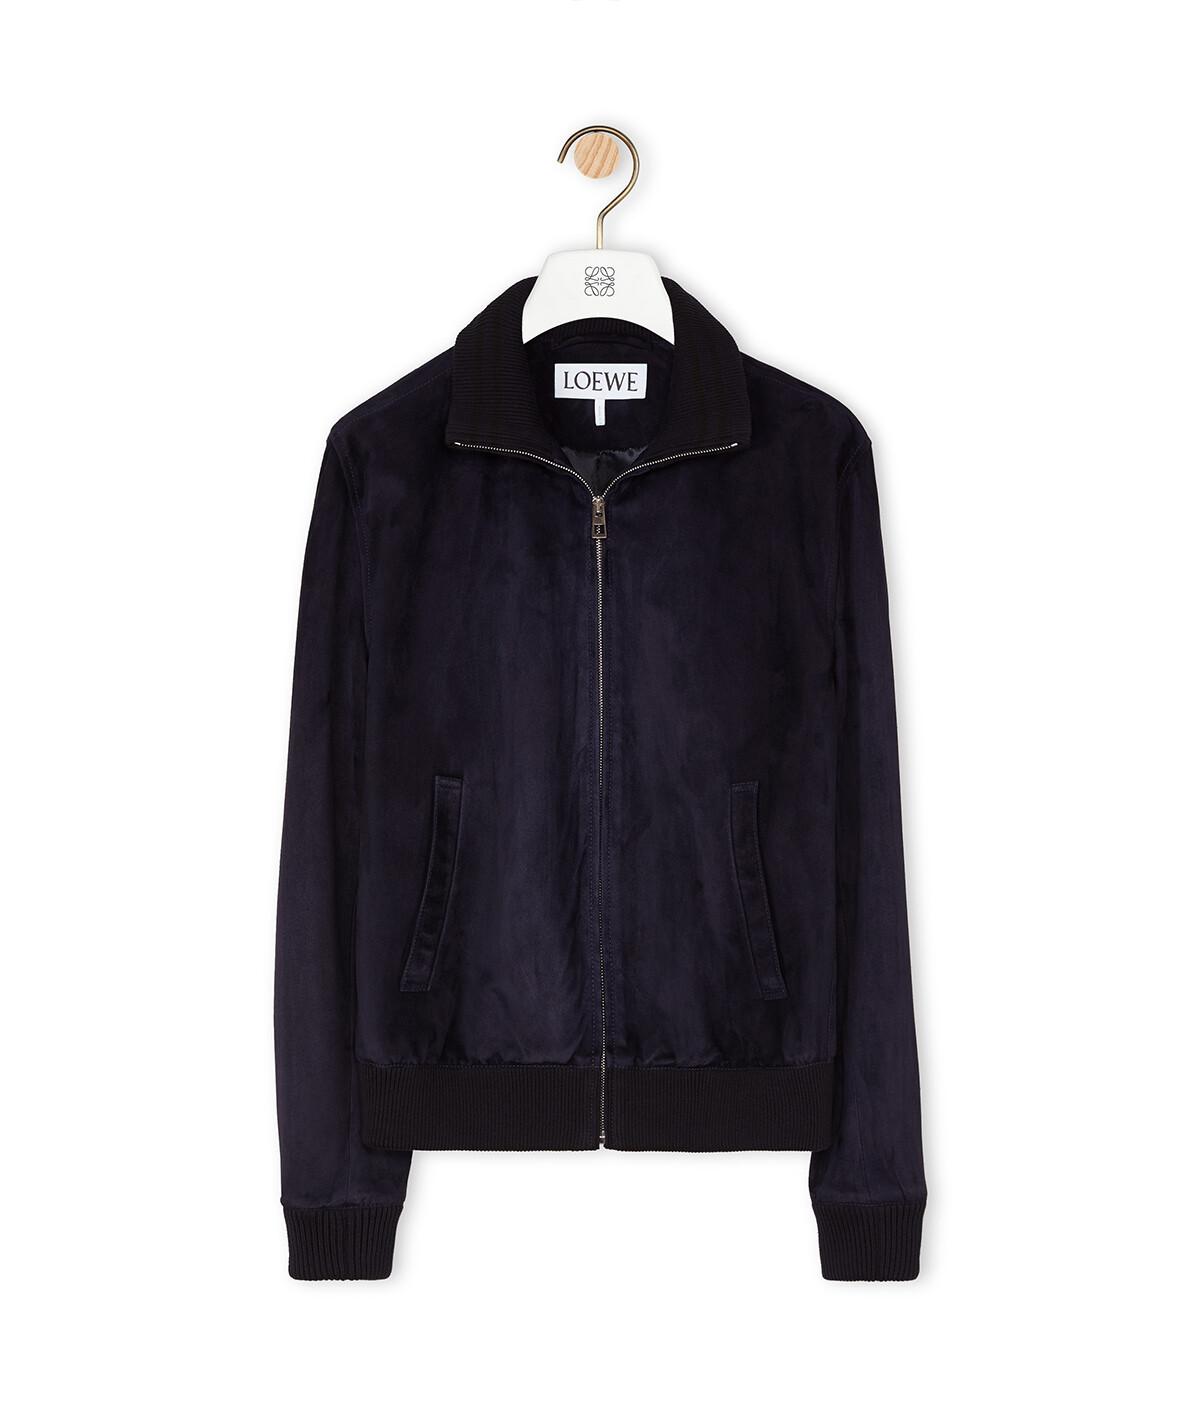 LOEWE Zip Jacket Dark Navy Blue front